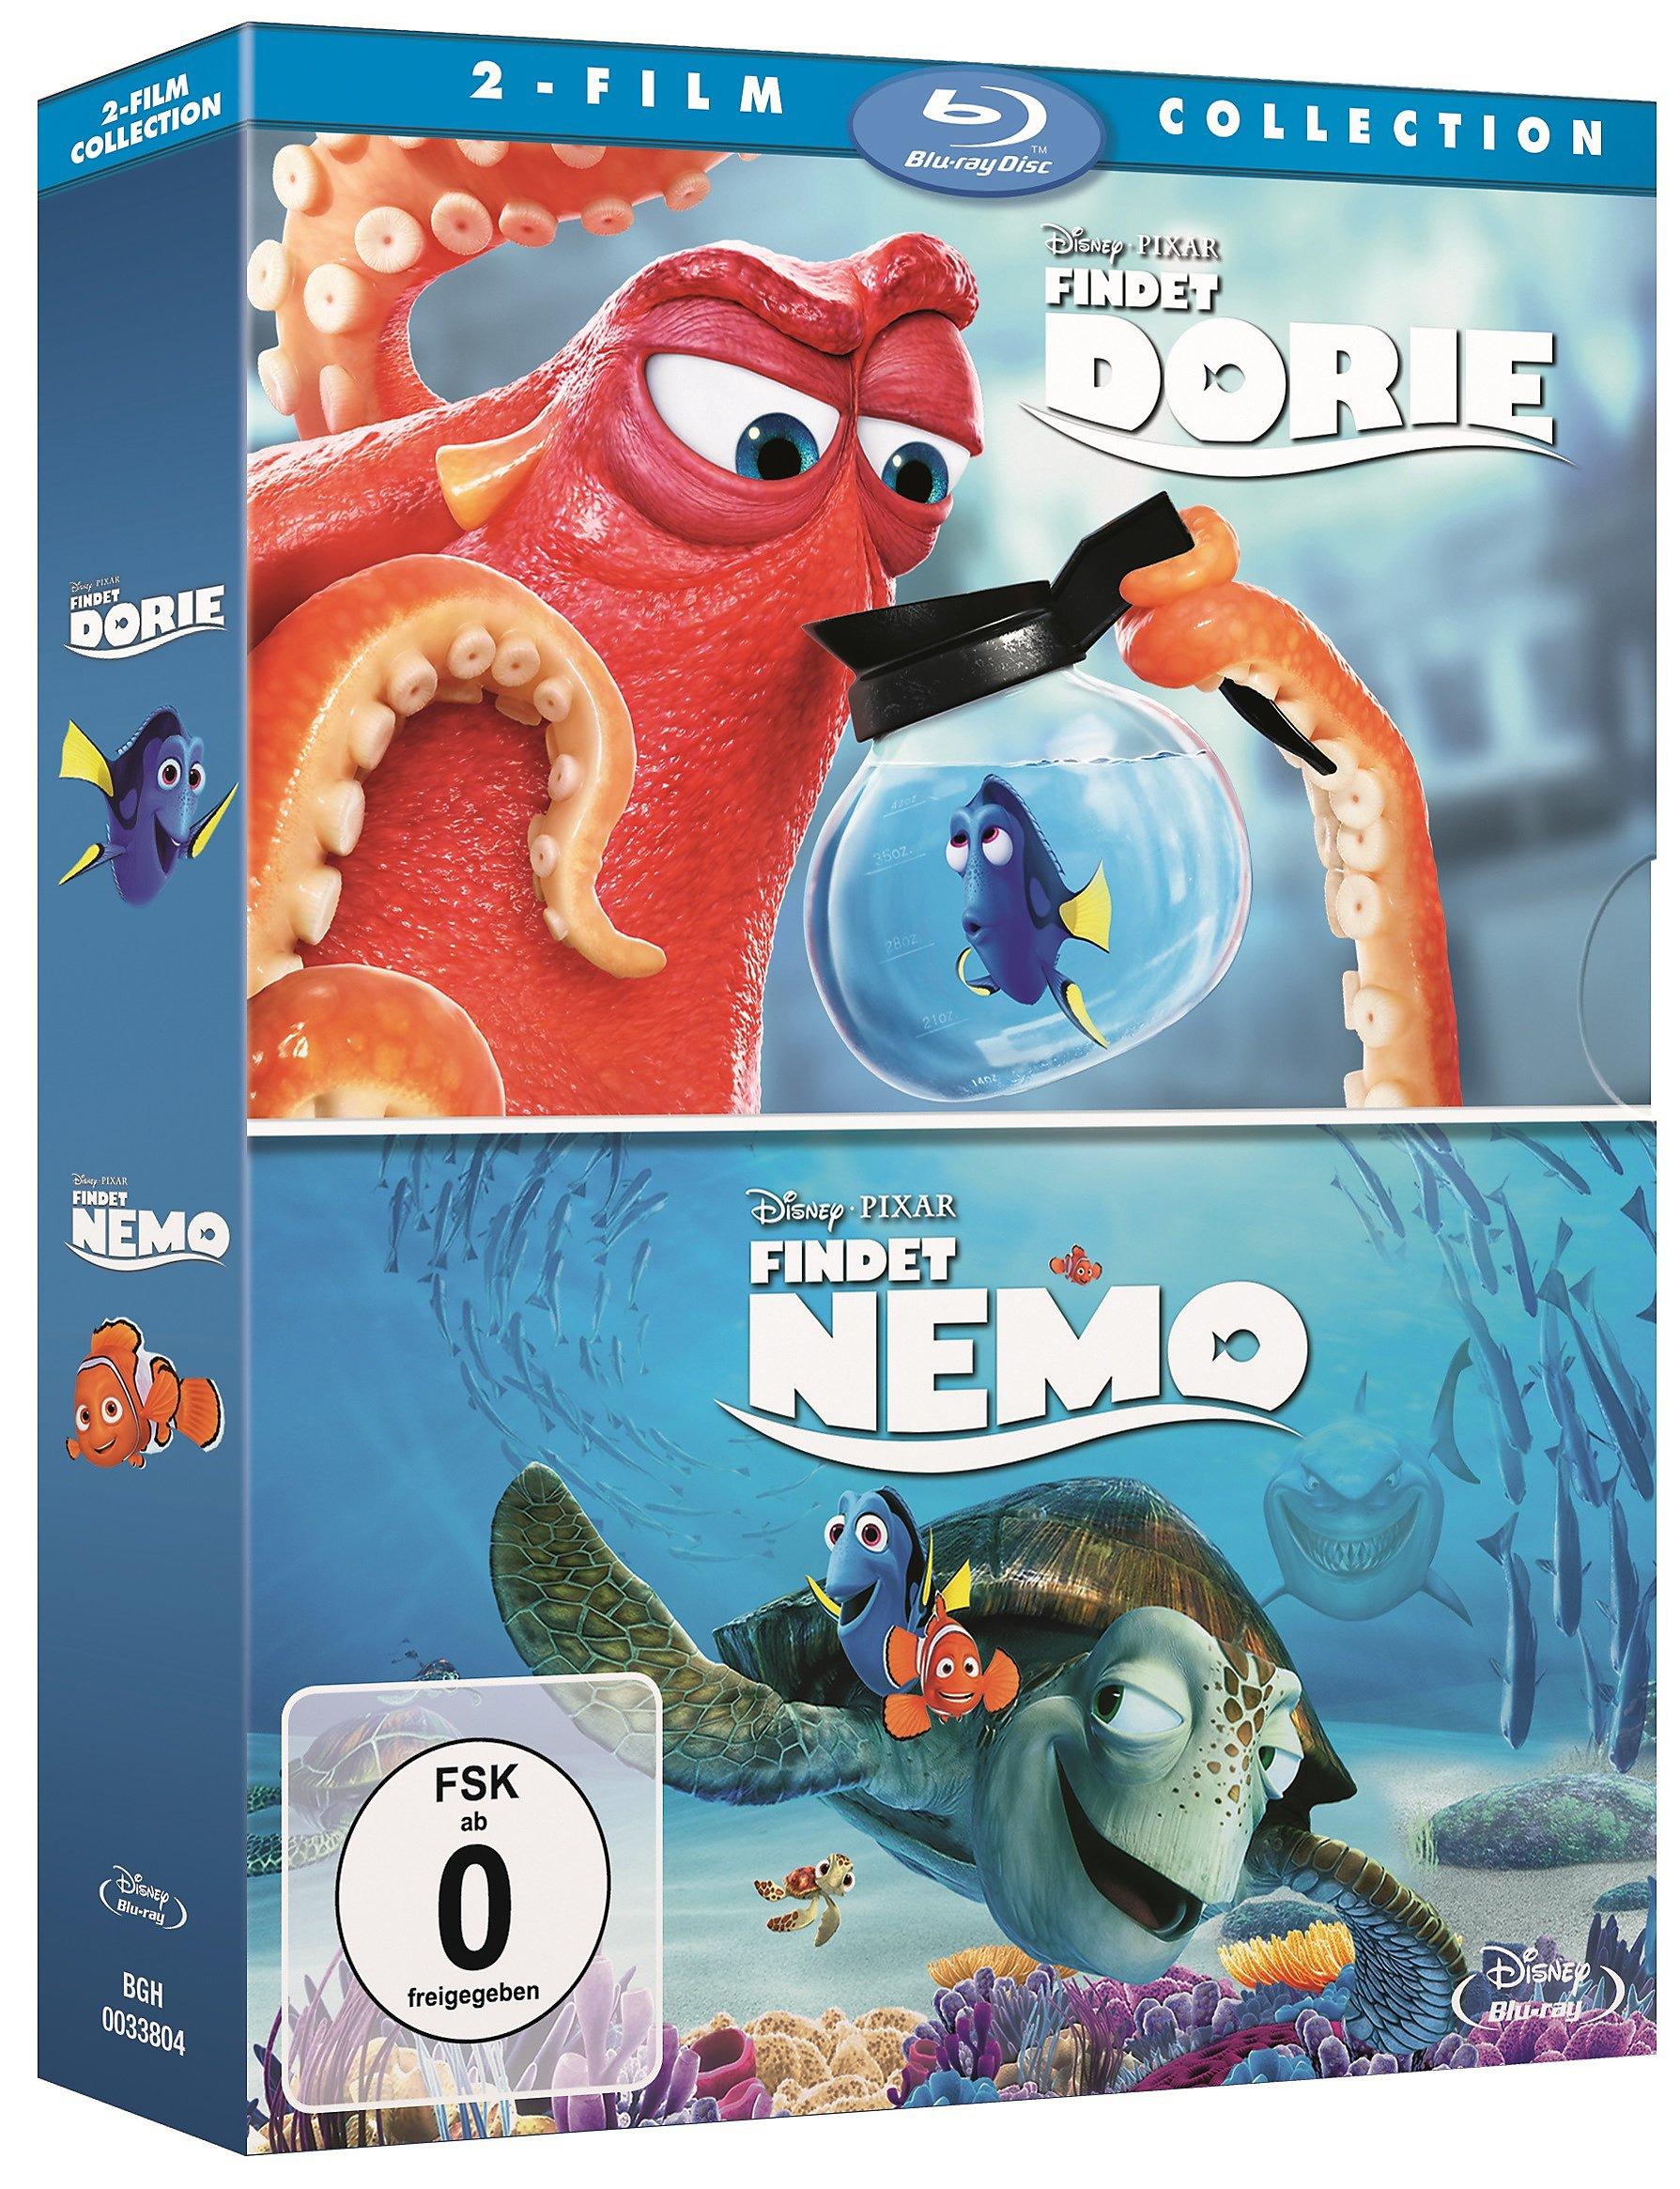 Dorie Findet Nemo